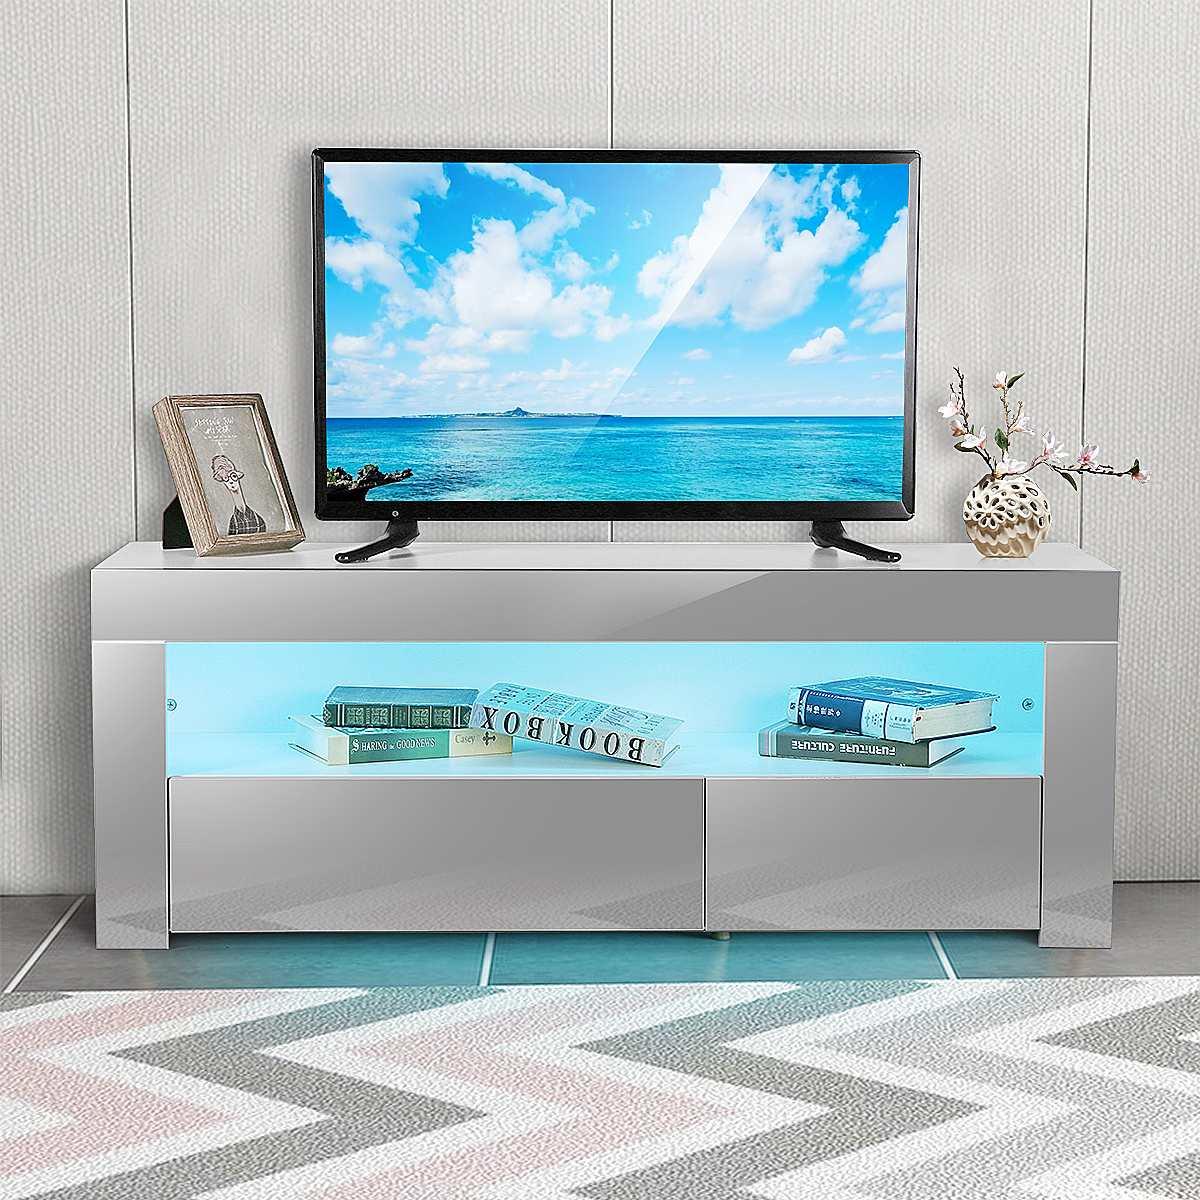 خزانة تلفزيون حديثة مقاس 47 بوصة مع أدراج وحامل تلفزيون LED وأثاث غرفة المعيشة ومفروشات منزلية وحامل وحدة تلفزيون شديد اللمعان